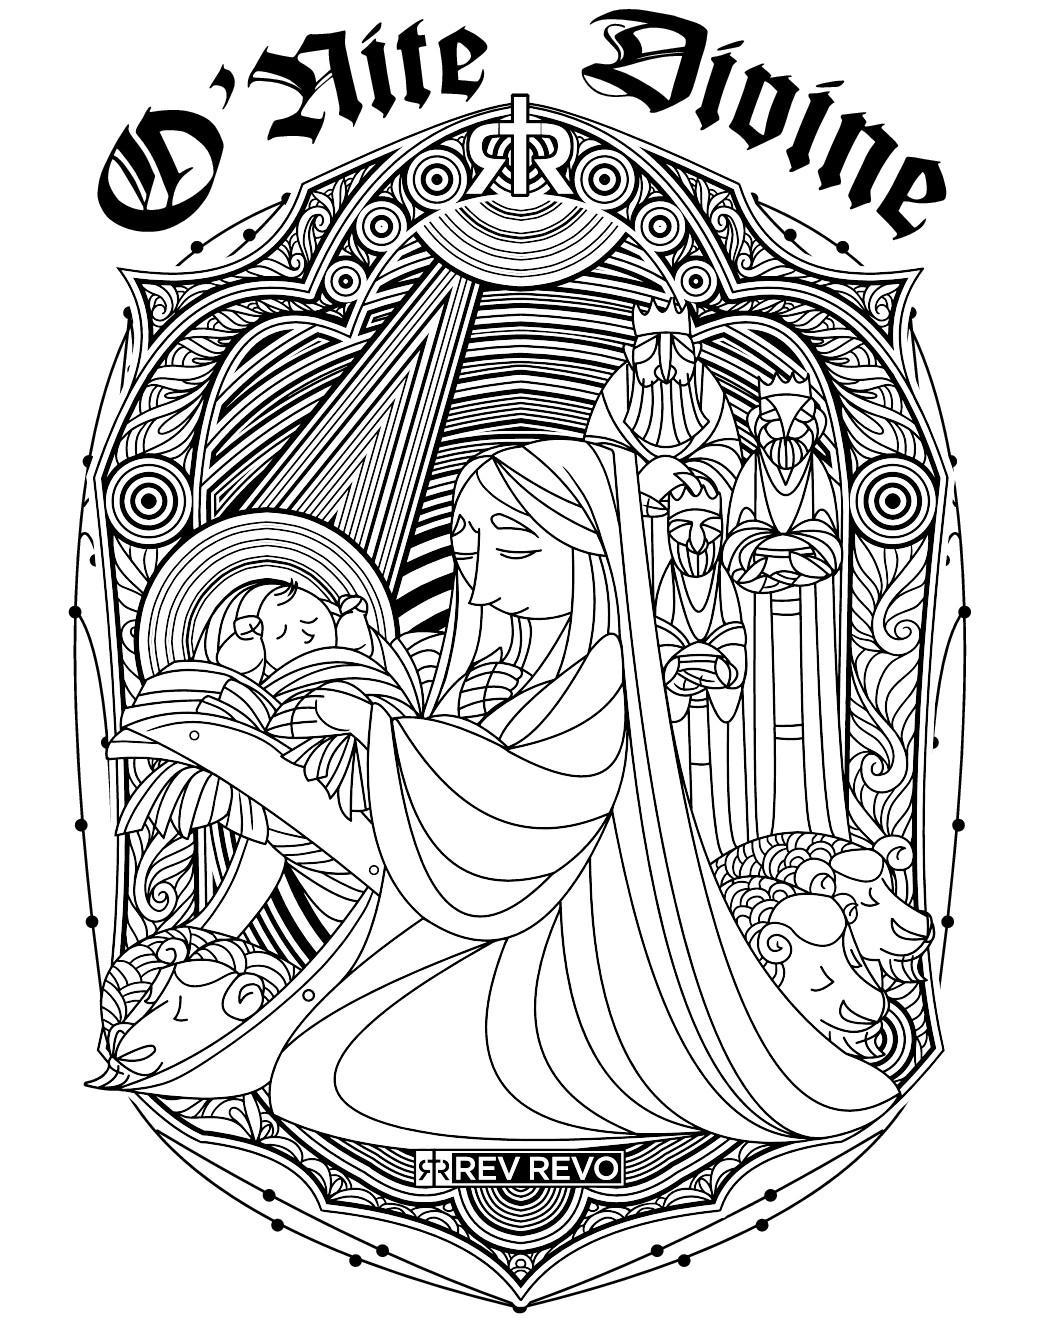 RevRevo_Tshirts (Artistic/Seasonal)- O'Nite Divine